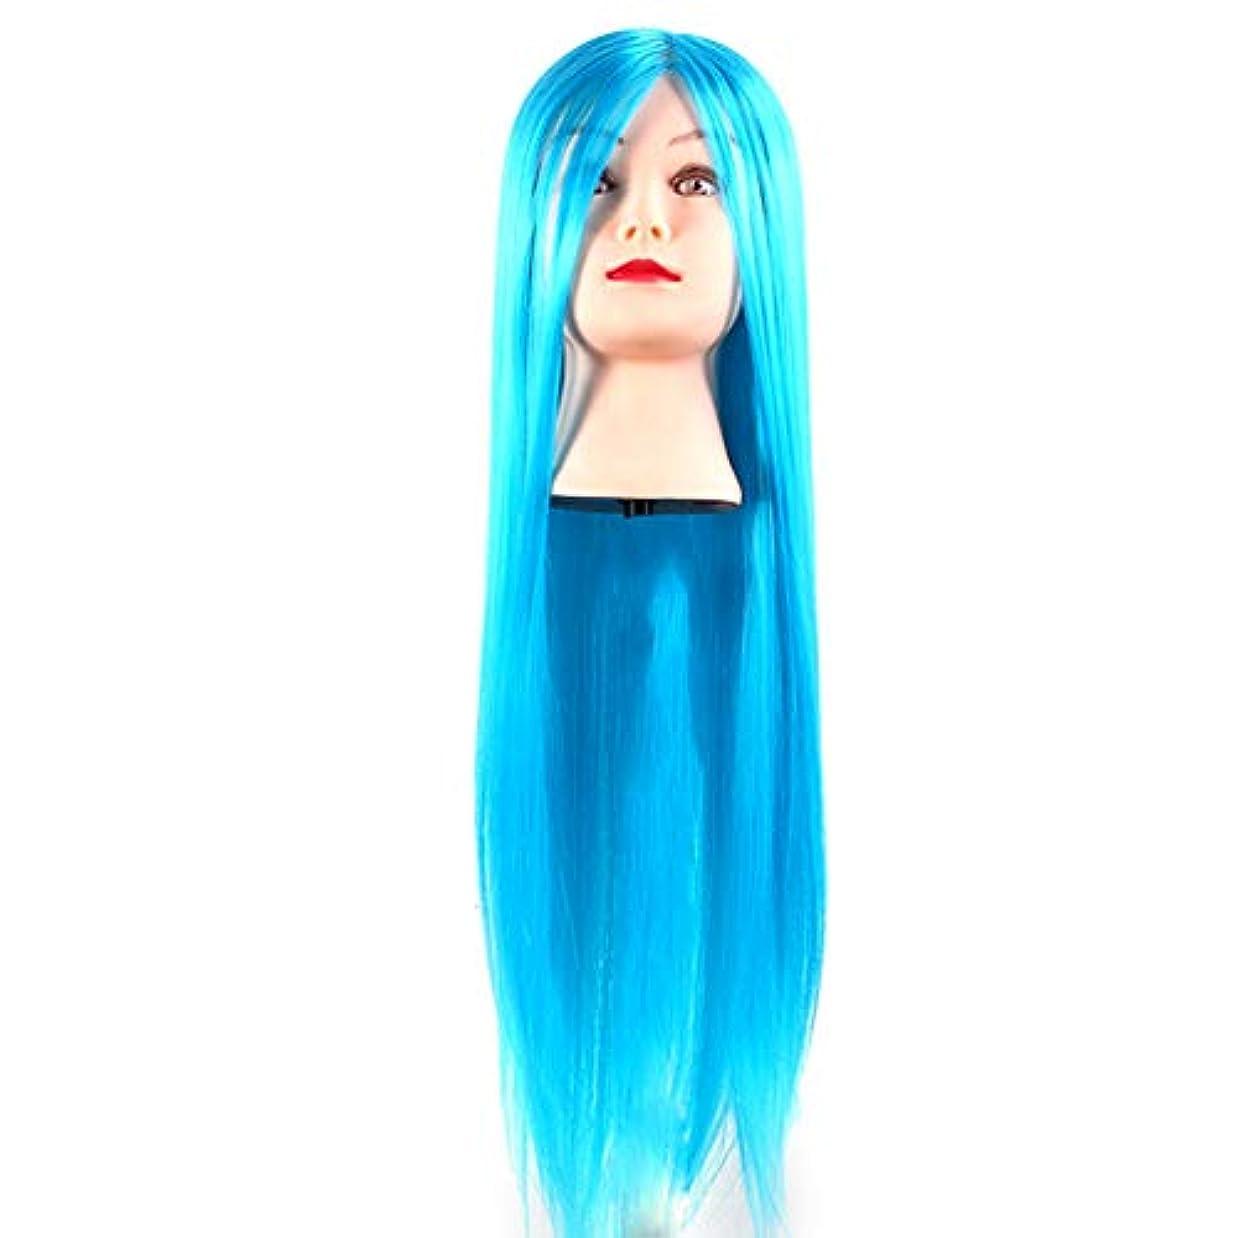 安定ベッツィトロットウッド詩人サロン散髪練習ヘッドモデルメイク学校編組髪開発学習モデルヘッドヘアストレートロングかつら